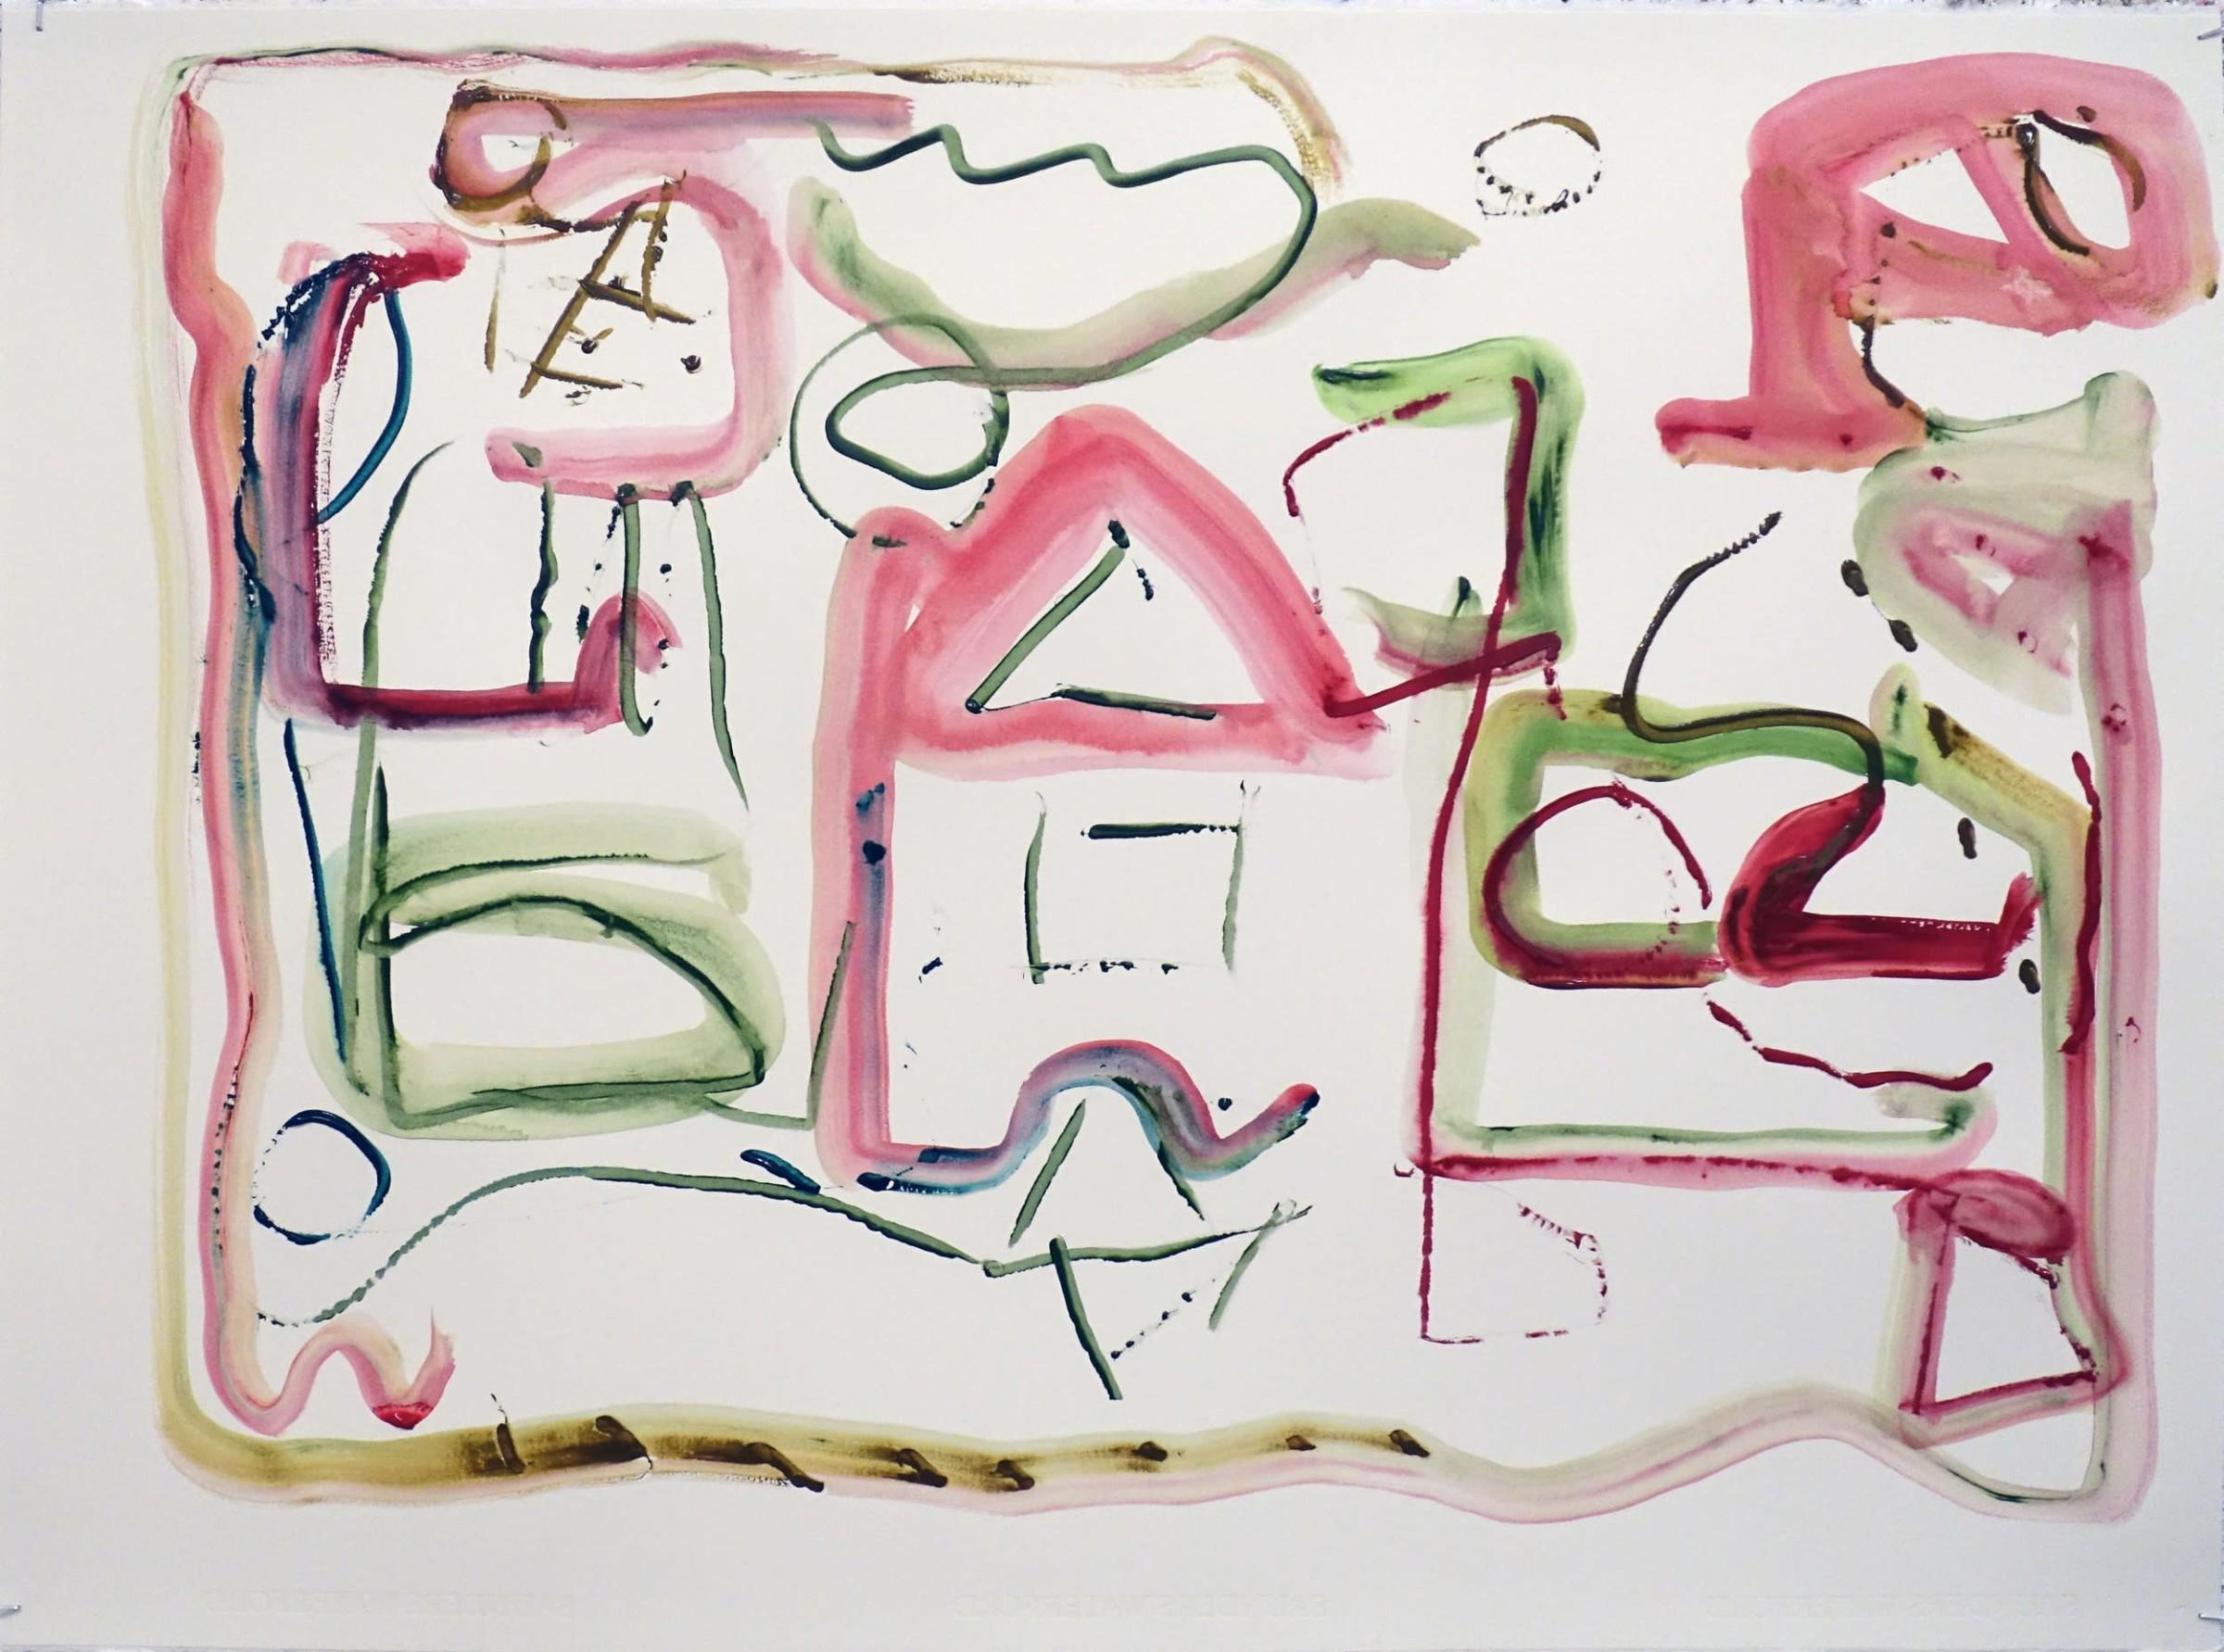 """<span class=""""link fancybox-details-link""""><a href=""""/artists/32-james-faure-walker/works/12372-james-faure-walker-conversation/"""">View Detail Page</a></span><div class=""""artist""""><span class=""""artist""""><strong>James Faure Walker</strong></span></div><div class=""""title""""><em>Conversation</em></div><div class=""""medium"""">watercolour</div><div class=""""dimensions"""">Frame: 80 x 100 cm<br /> Artwork: 56 x 76 cm</div><div class=""""price"""">£1,900.00</div>"""